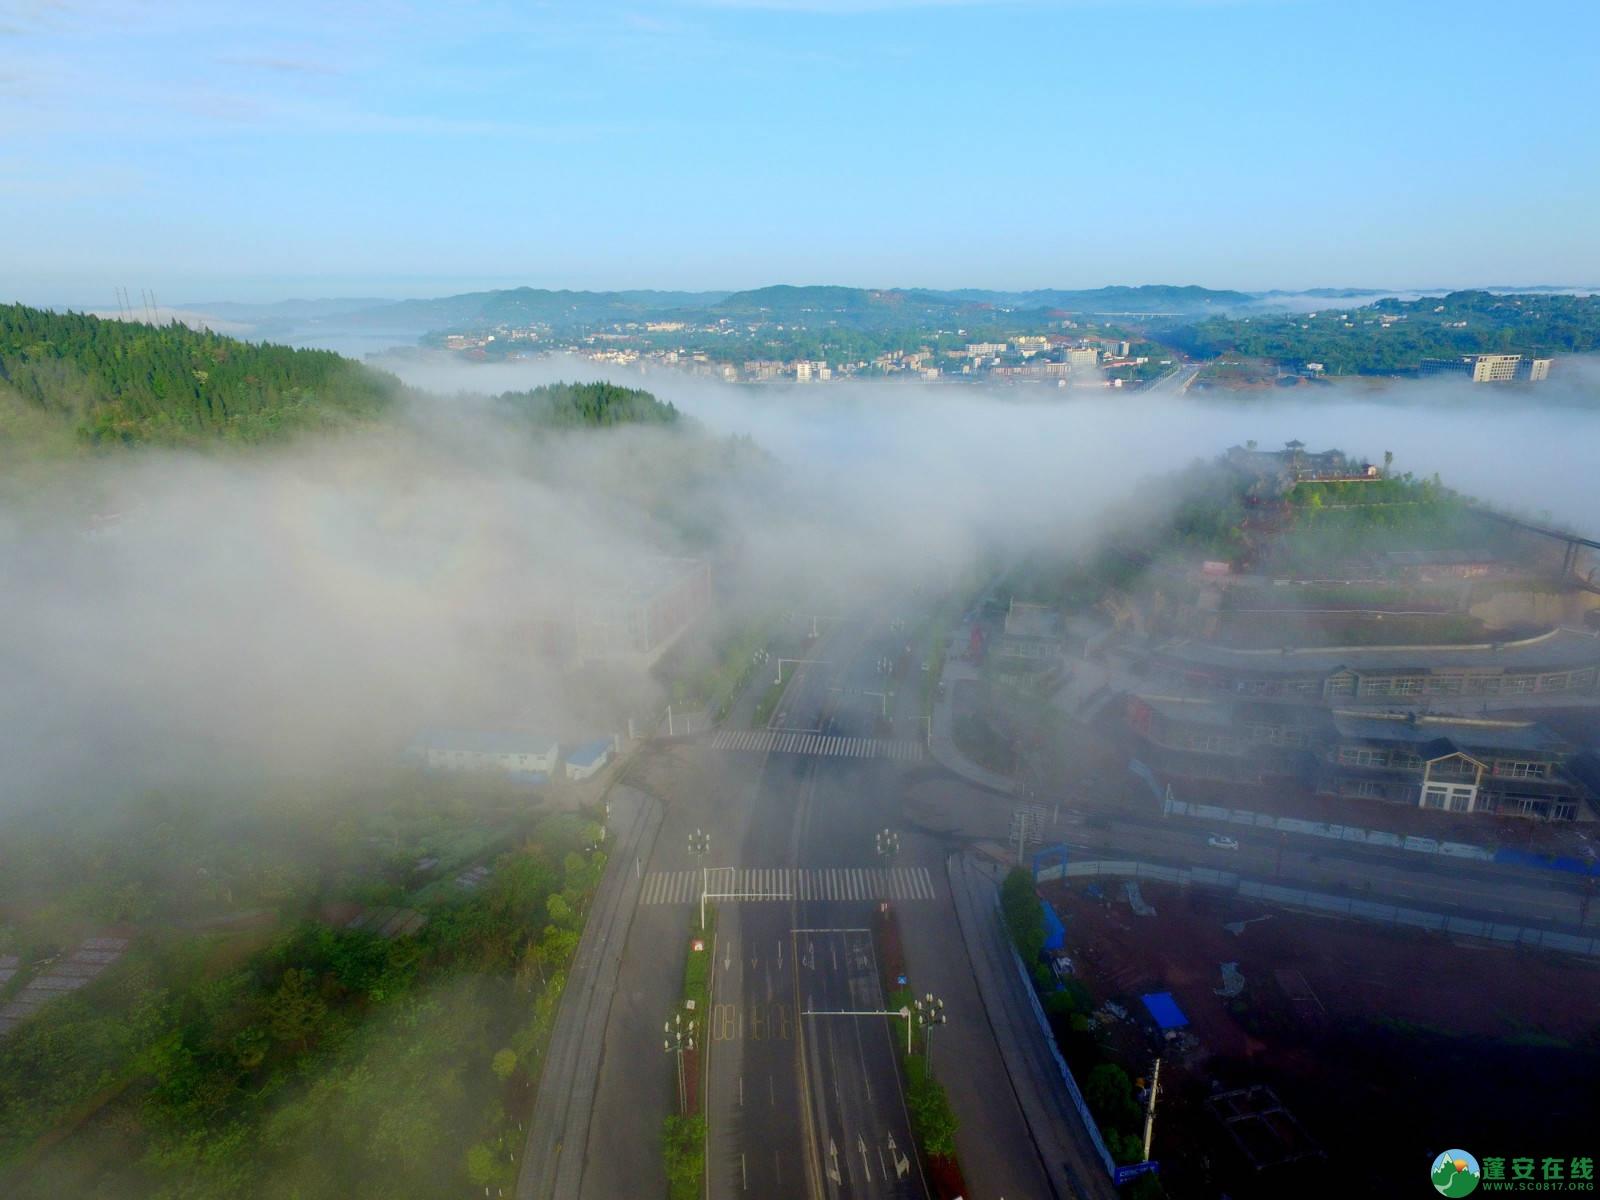 雾境蓬安 - 第29张  | 蓬安在线